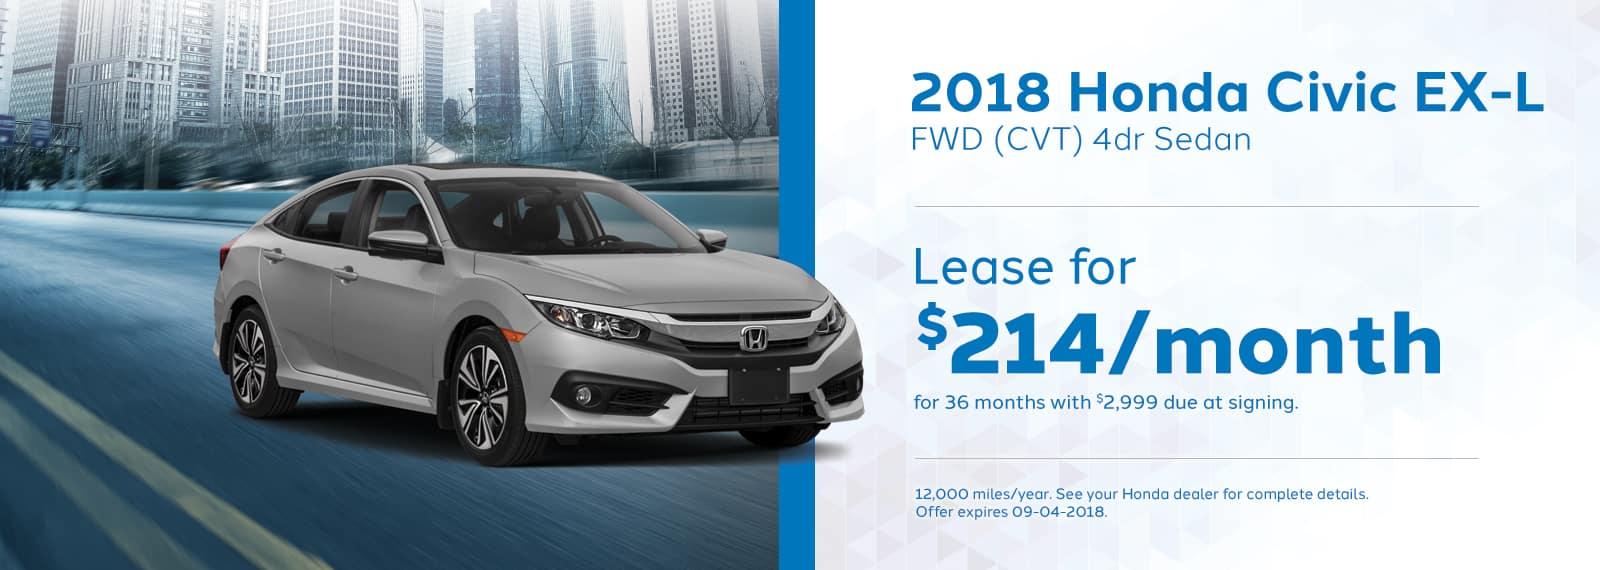 2018 Honda Civic EXL Genthe Honda Lease Special Offer